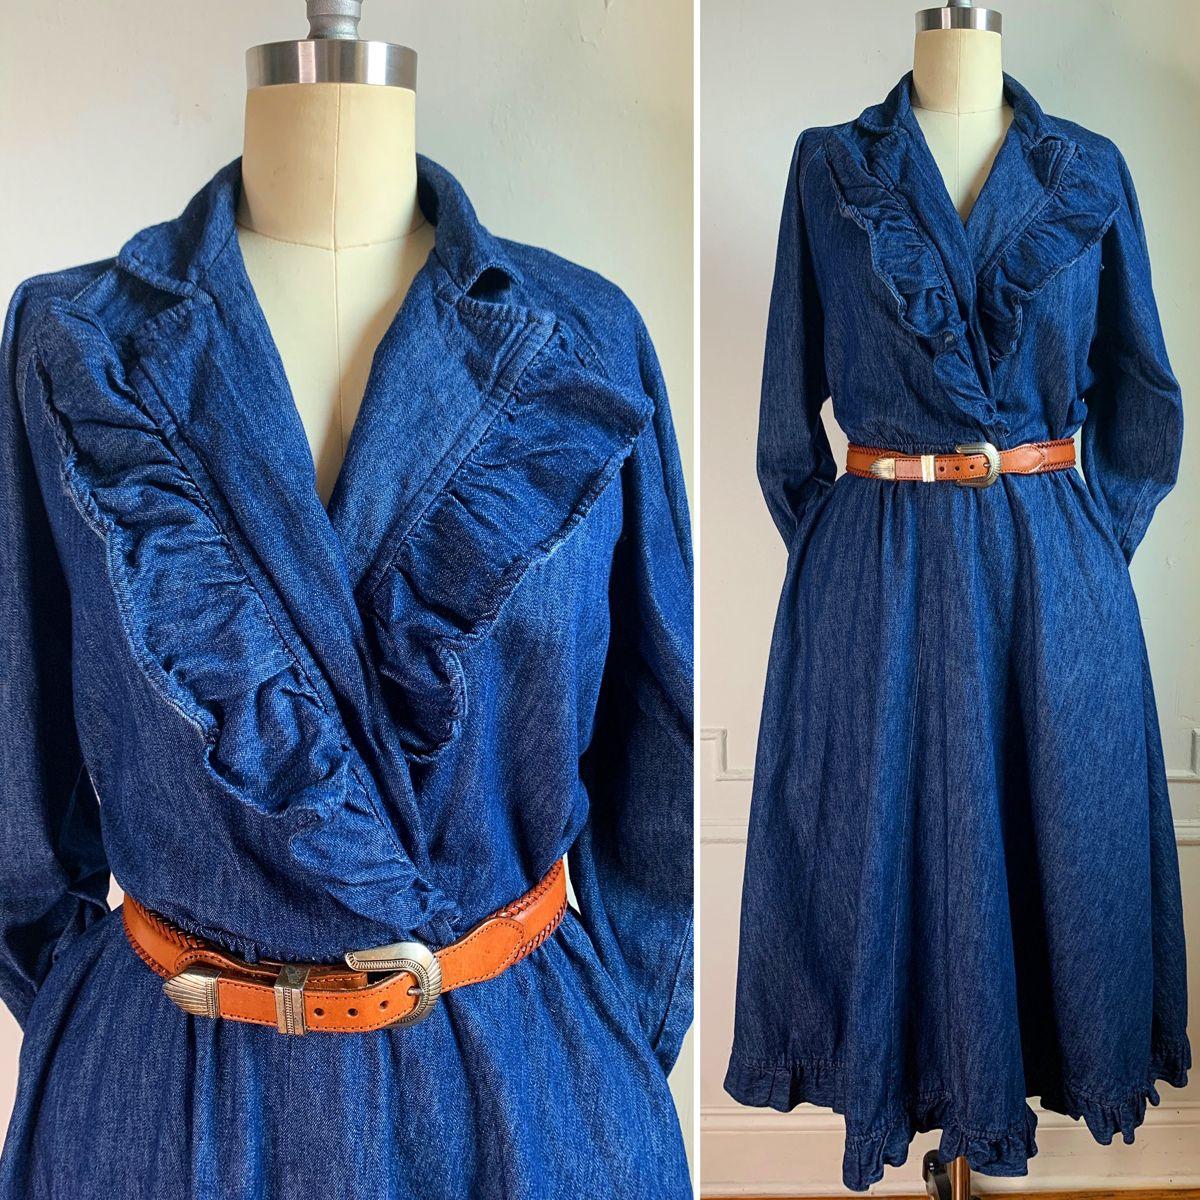 #denimondenim #jeansoutfit #jeans #dress #vintagestyle #vintageclothes